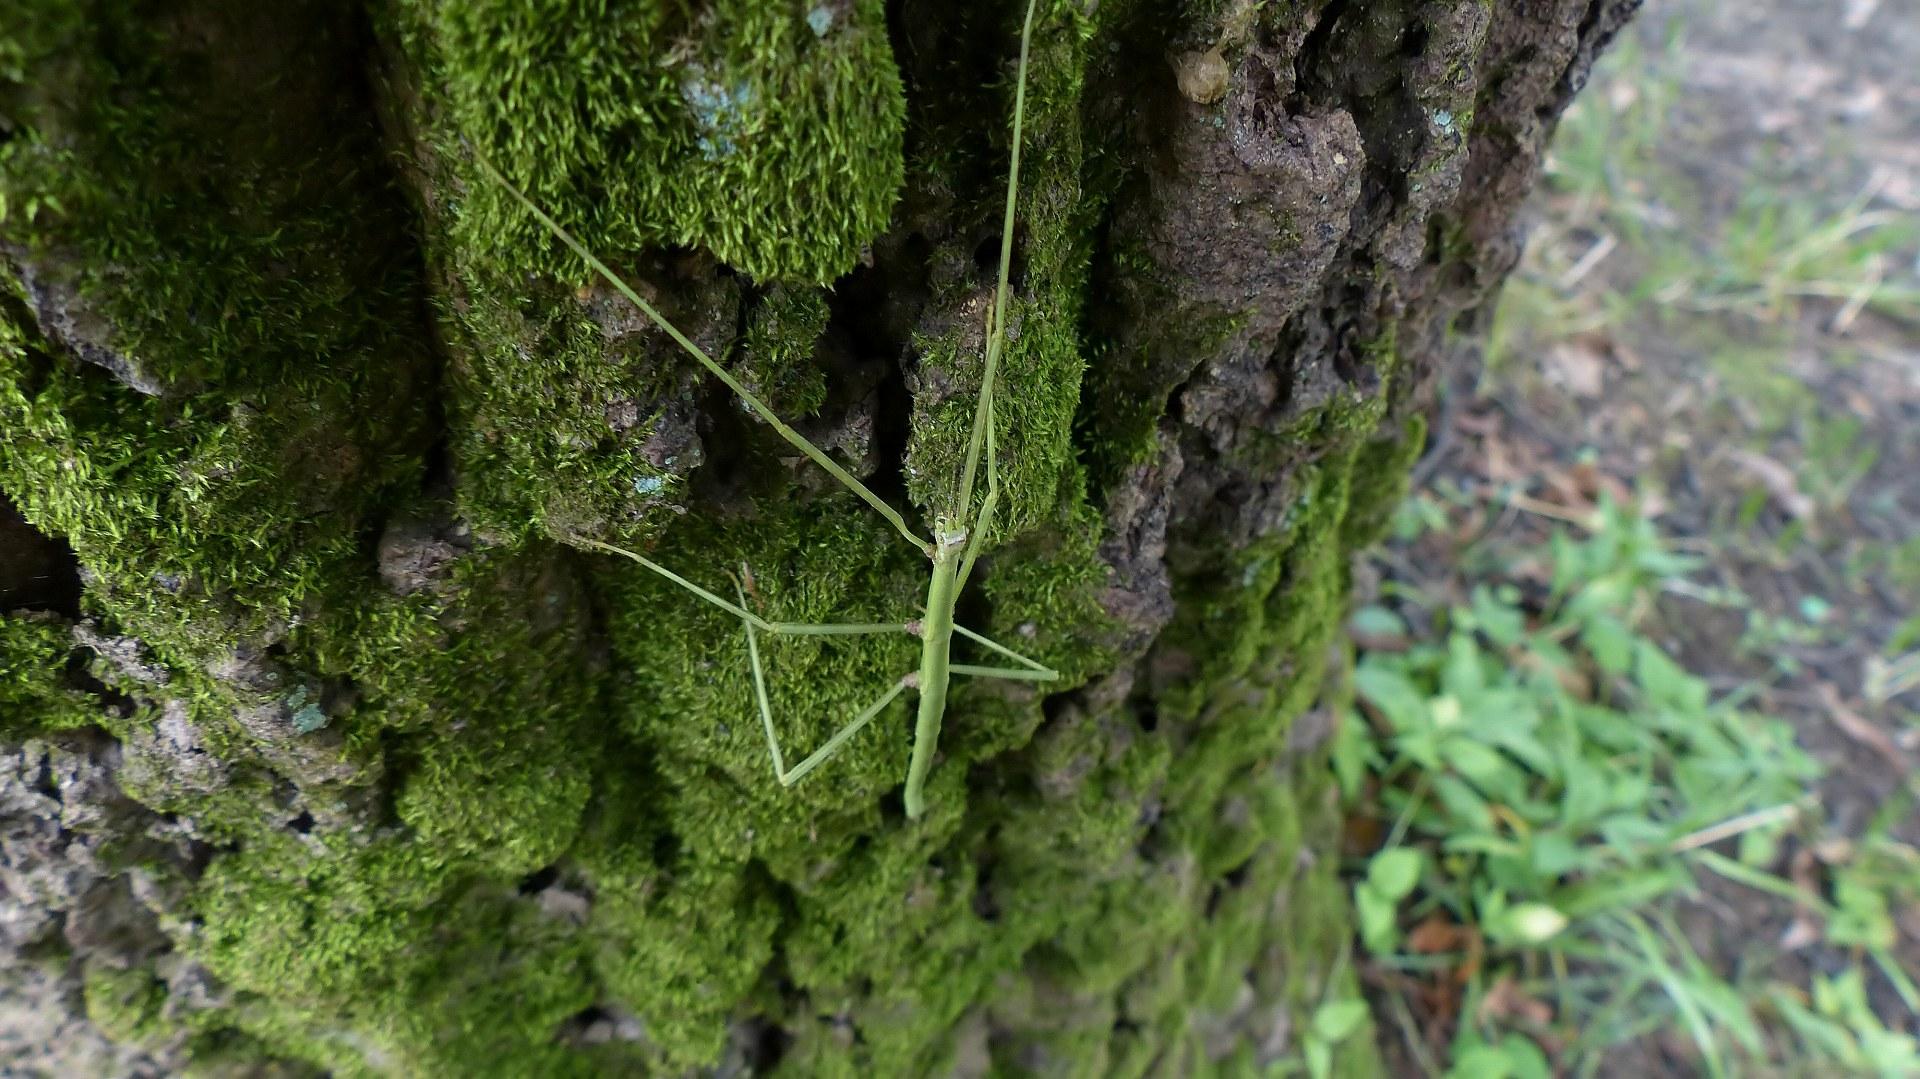 昆虫の森シリーズ ナナフシの七不思議_a0185081_1252073.jpg